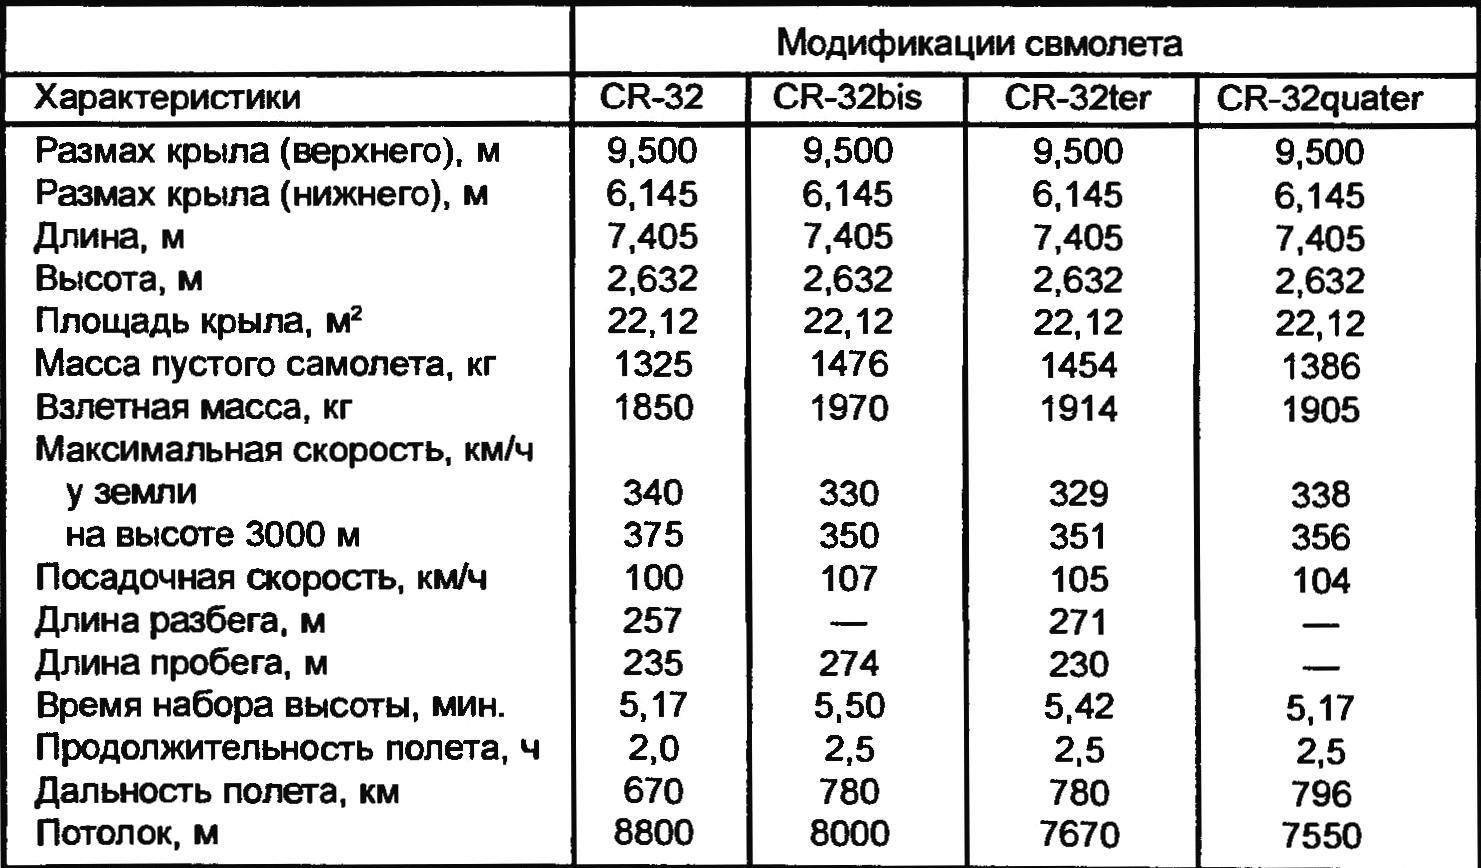 Технические характеристики модификаций самолета CR-32